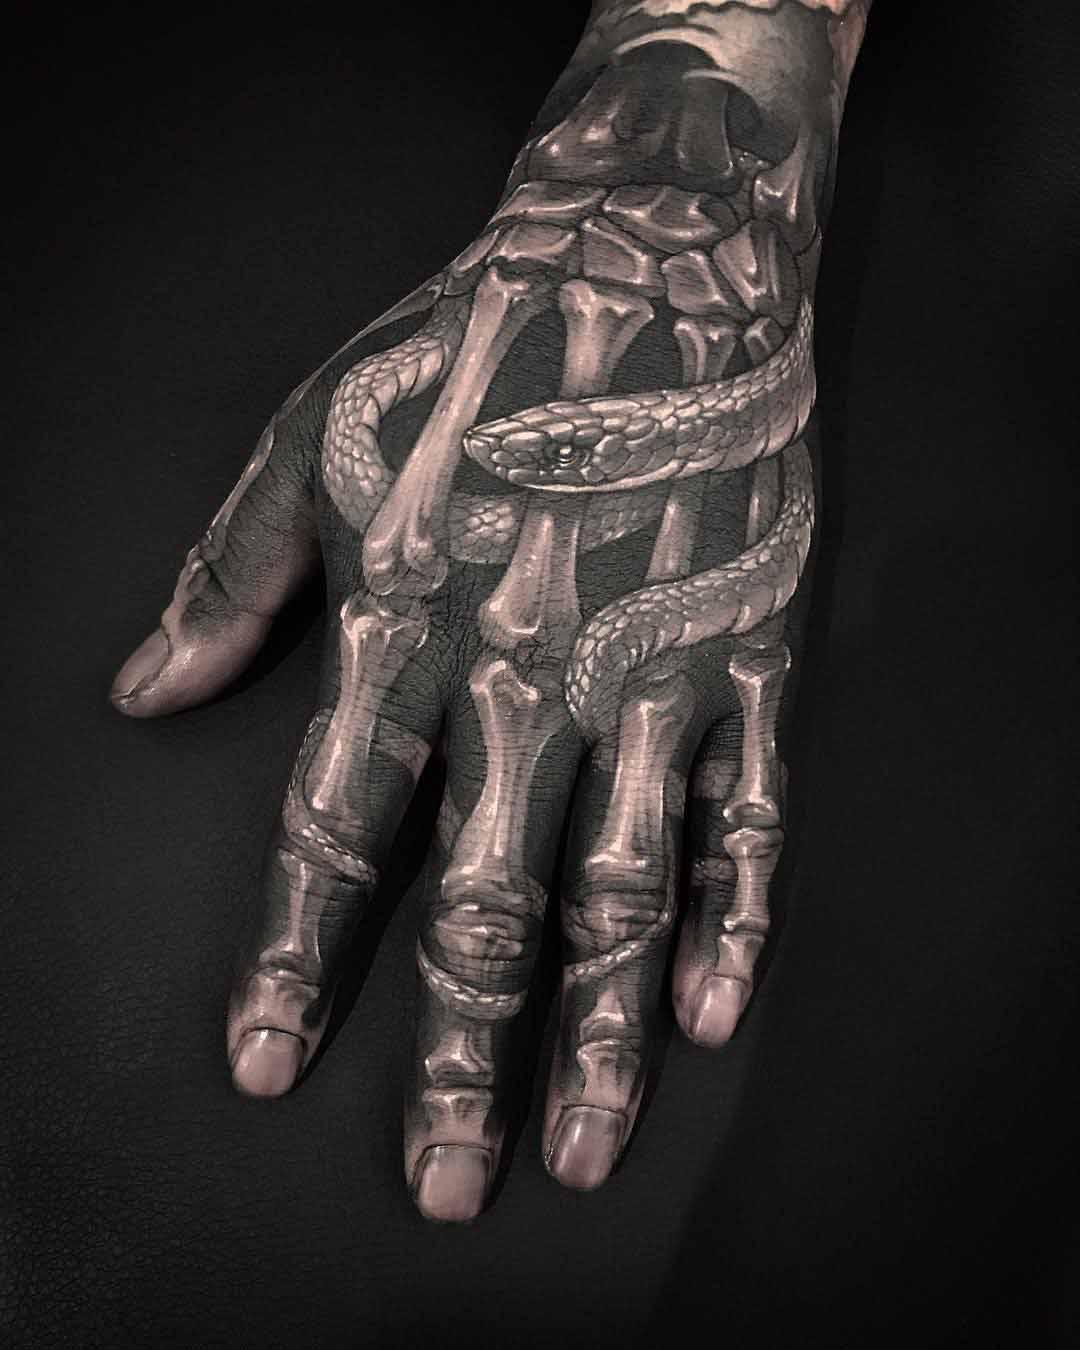 Hand Skeleton Tattoo : skeleton, tattoo, Skeleton, Tattoo, Snake, Ideas, Gallery